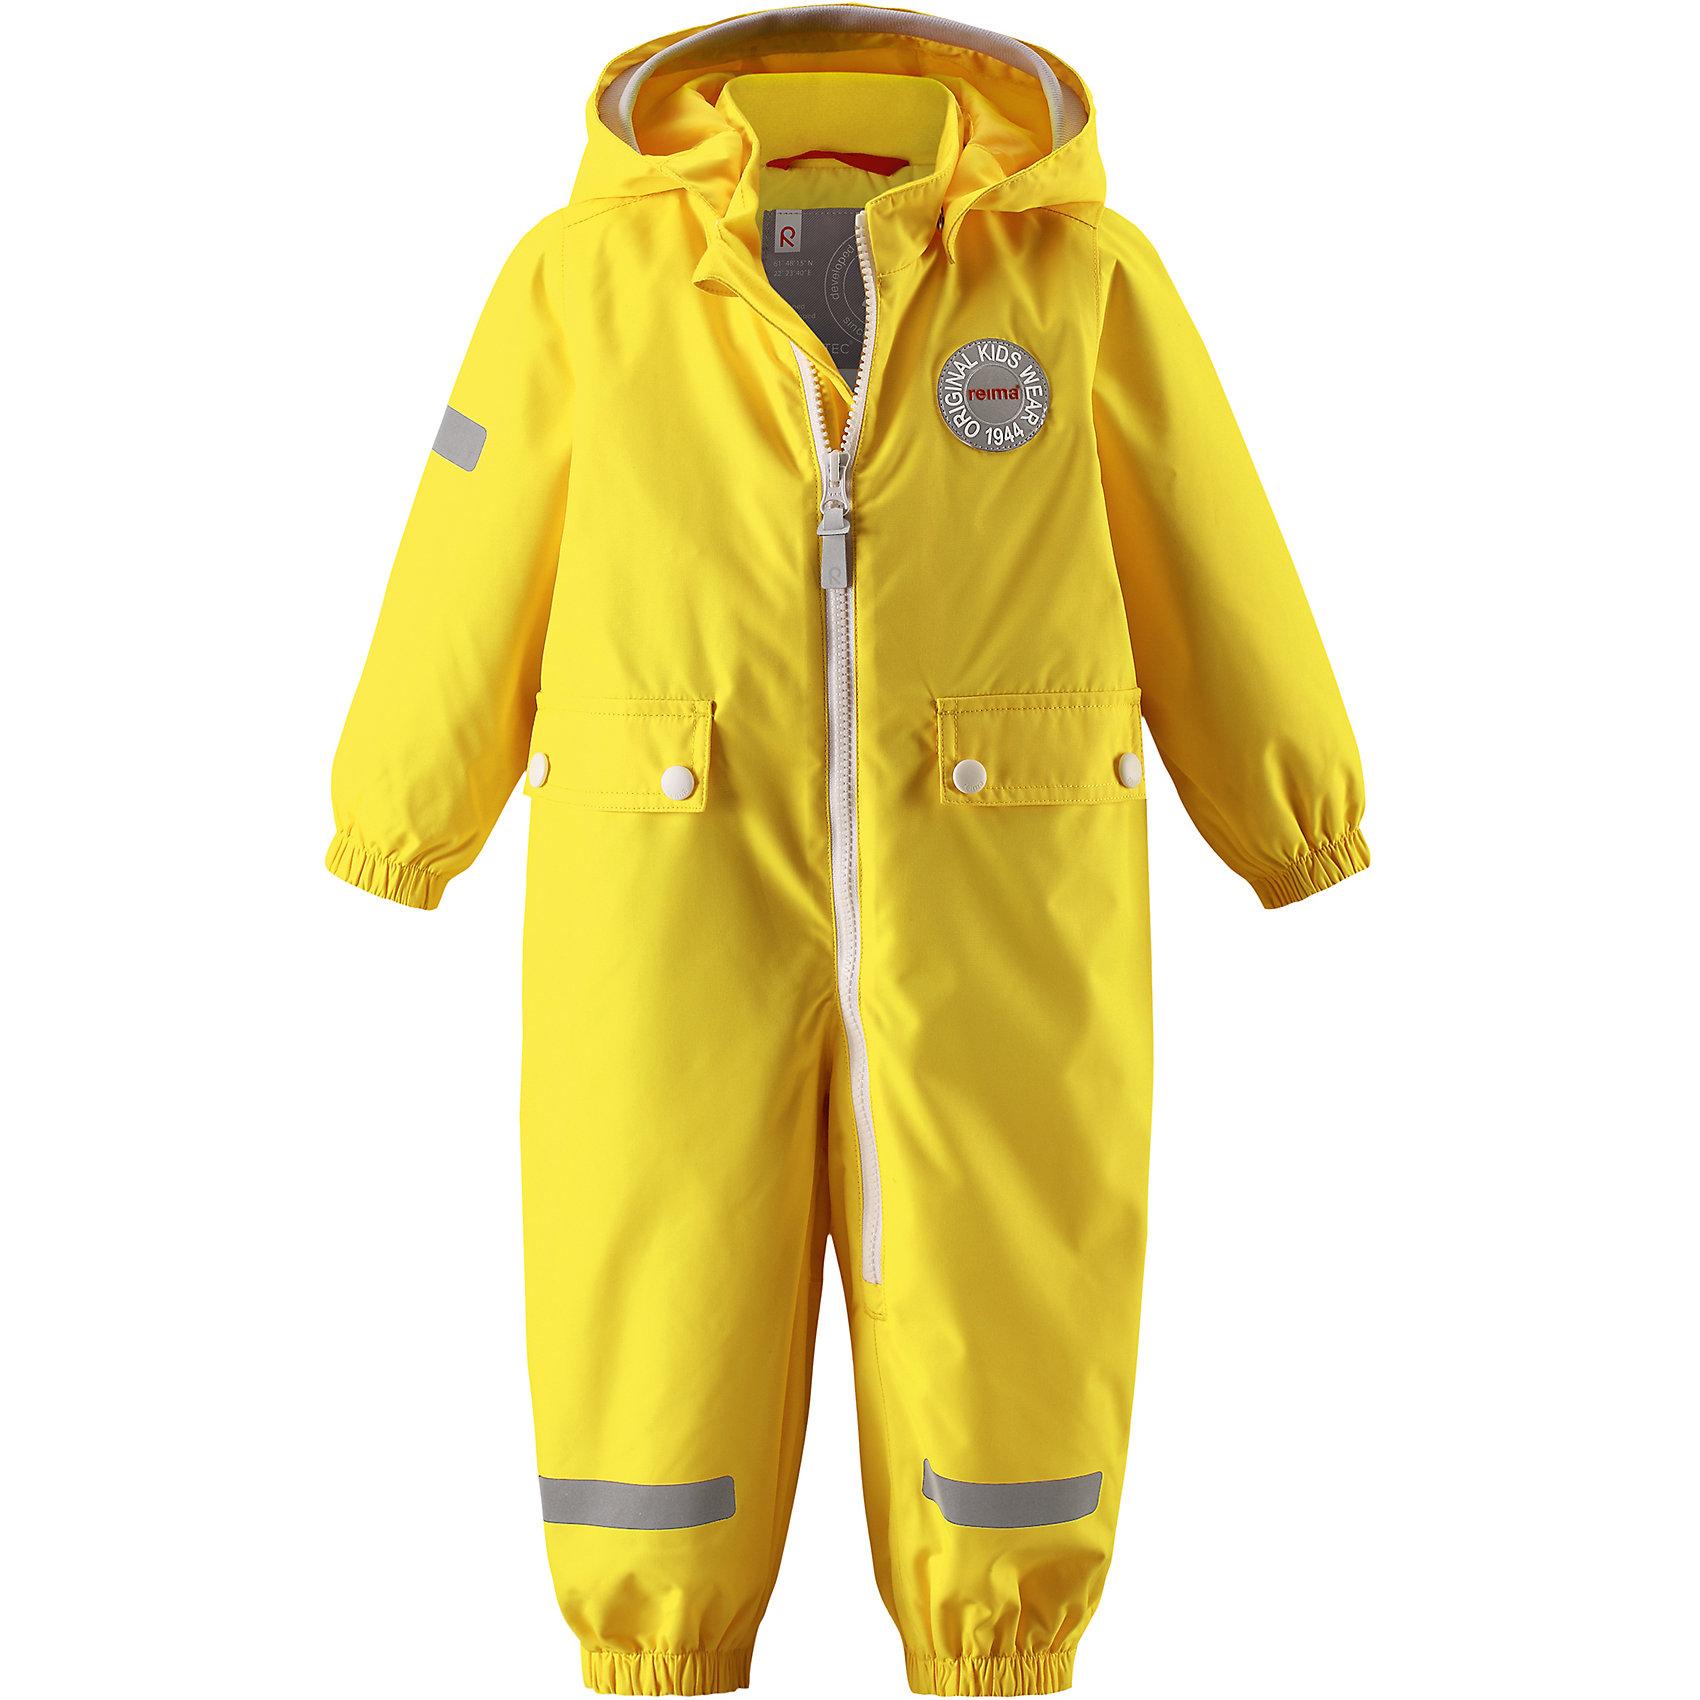 Комбинезон Fangan Reimatec® ReimaОдежда<br>Характеристики товара:<br><br>• цвет: желтый<br>• состав: 100% полиэстер, полиуретановое покрытие<br>• температурный режим: от 0° до +10°С<br>• легкий утеплитель: 80 гр/м2<br>• водонепроницаемость: 8000 мм<br>• воздухопроницаемость: 5000 мм<br>• износостойкость: 30000 циклов (тест Мартиндейла)<br>• основыне швы проклеены, водонепроницаемы<br>• водо- и ветронепроницаемый, дышащий, грязеотталкивающий материал<br>• гладкая подкладка из полиэстера<br>• безопасный съёмный капюшон<br>• мягкая резинка по краю капюшона<br>• эластичные манжеты<br>• талия регулируется изнутри<br>• эластичные манжеты на брючинах<br>• съёмные эластичные штрипки<br>• длинная застёжка на молнии облегчает надевание<br>• два накладных кармана<br>• комфортная посадка<br>• страна производства: Китай<br>• страна бренда: Финляндия<br>• коллекция: весна-лето 2017<br><br>Верхняя одежда для детей может быть модной и комфортной одновременно! Демисезонный комбинезон поможет обеспечить ребенку комфорт и тепло. Он отлично смотрится с различной обувью. Изделие удобно сидит и модно выглядит. Материал - прочный, хорошо подходящий для межсезонья, водо- и ветронепроницаемый, «дышащий». Стильный дизайн разрабатывался специально для детей.<br><br>Одежда и обувь от финского бренда Reima пользуется популярностью во многих странах. Эти изделия стильные, качественные и удобные. Для производства продукции используются только безопасные, проверенные материалы и фурнитура. Порадуйте ребенка модными и красивыми вещами от Reima! <br><br>Комбинезон Reimatec® от финского бренда Reima (Рейма) можно купить в нашем интернет-магазине.<br><br>Ширина мм: 356<br>Глубина мм: 10<br>Высота мм: 245<br>Вес г: 519<br>Цвет: желтый<br>Возраст от месяцев: 18<br>Возраст до месяцев: 24<br>Пол: Унисекс<br>Возраст: Детский<br>Размер: 92,98,86,80,74<br>SKU: 5265718